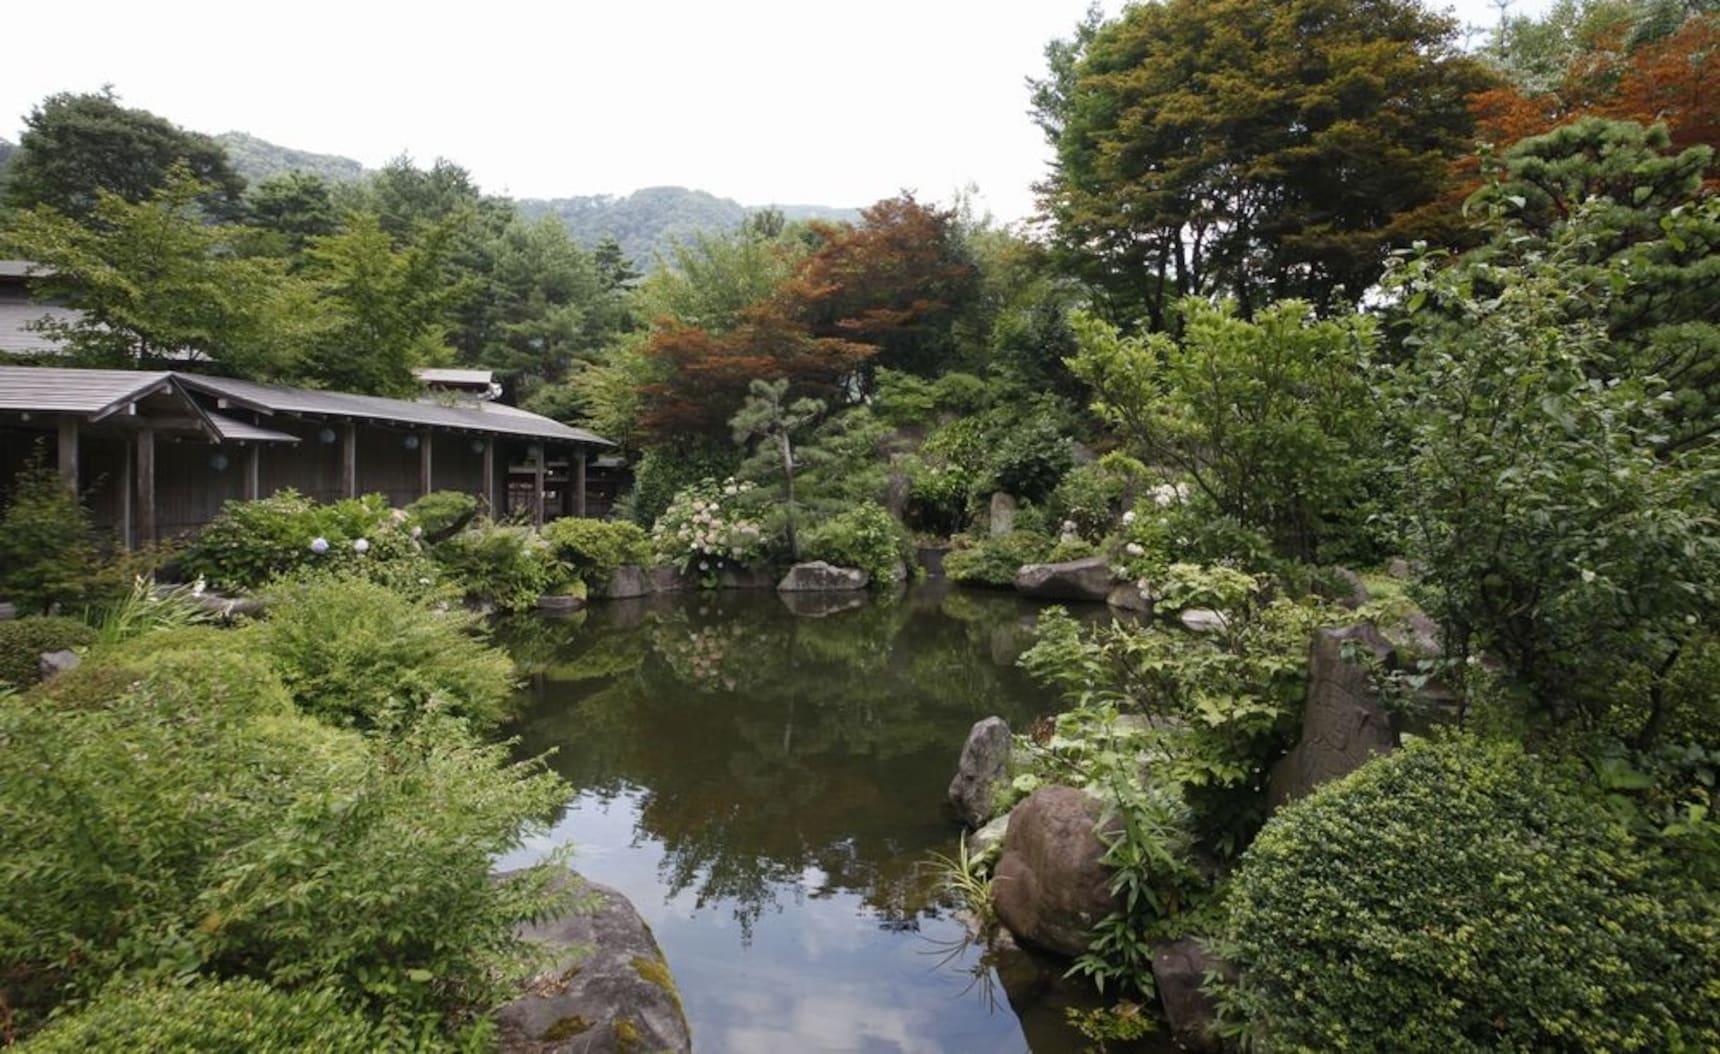 7 เรียวกังที่มีสวนญี่ปุ่นงดงาม